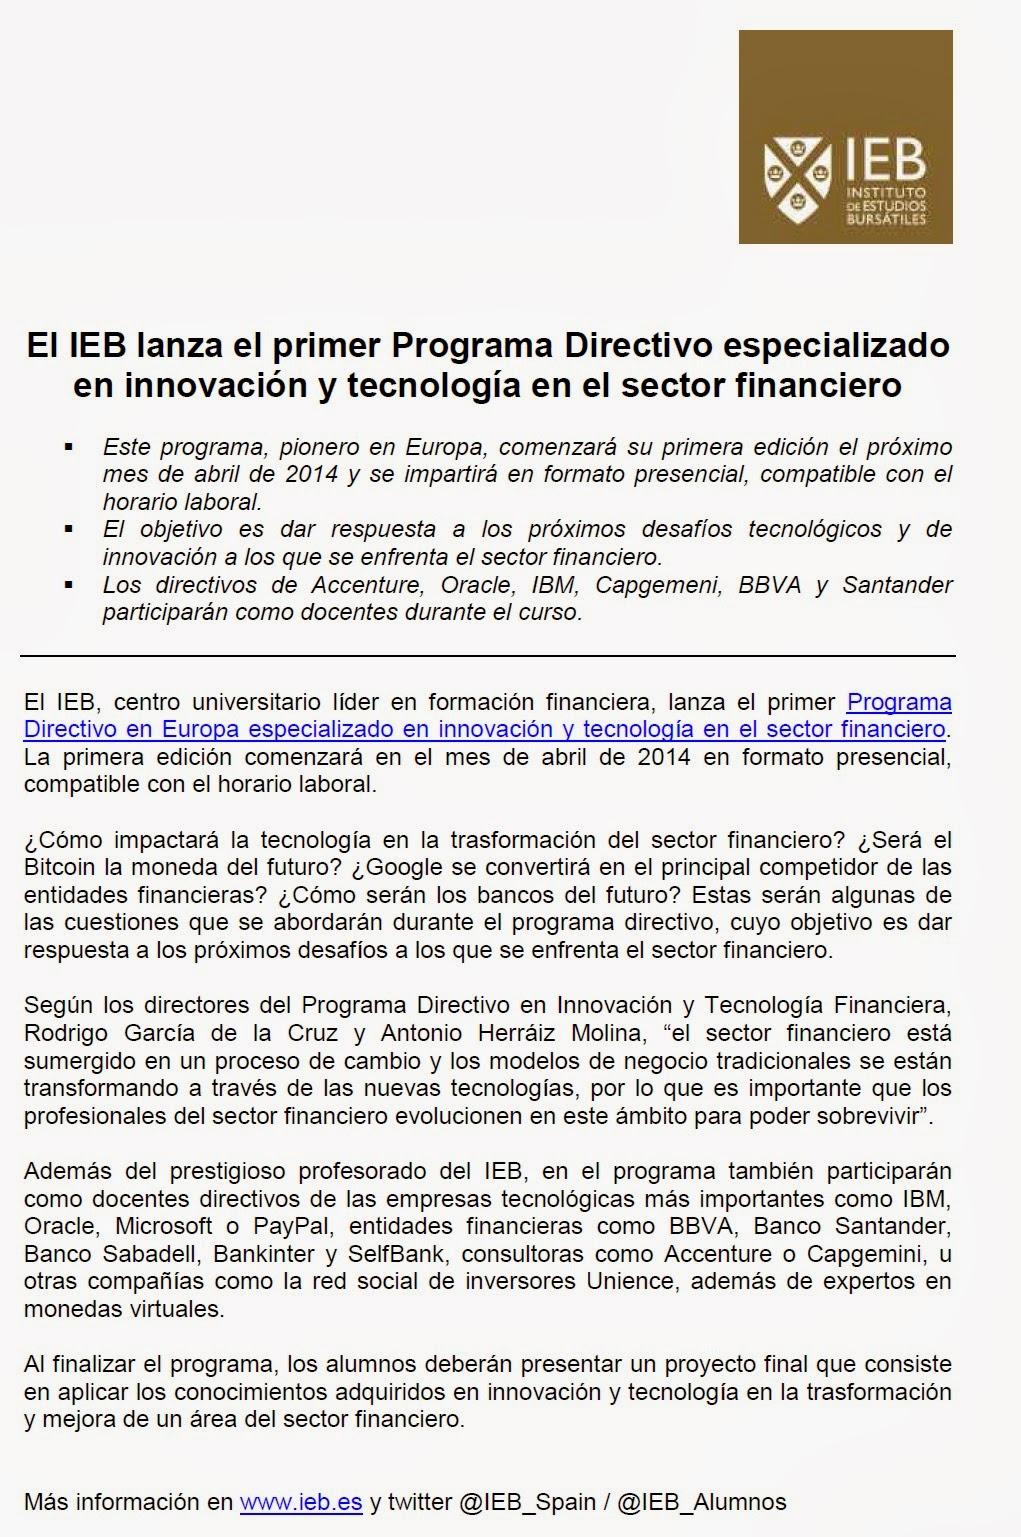 IEBPrimerProgramaDirectivoInnovacionEnElSectorFinanciero